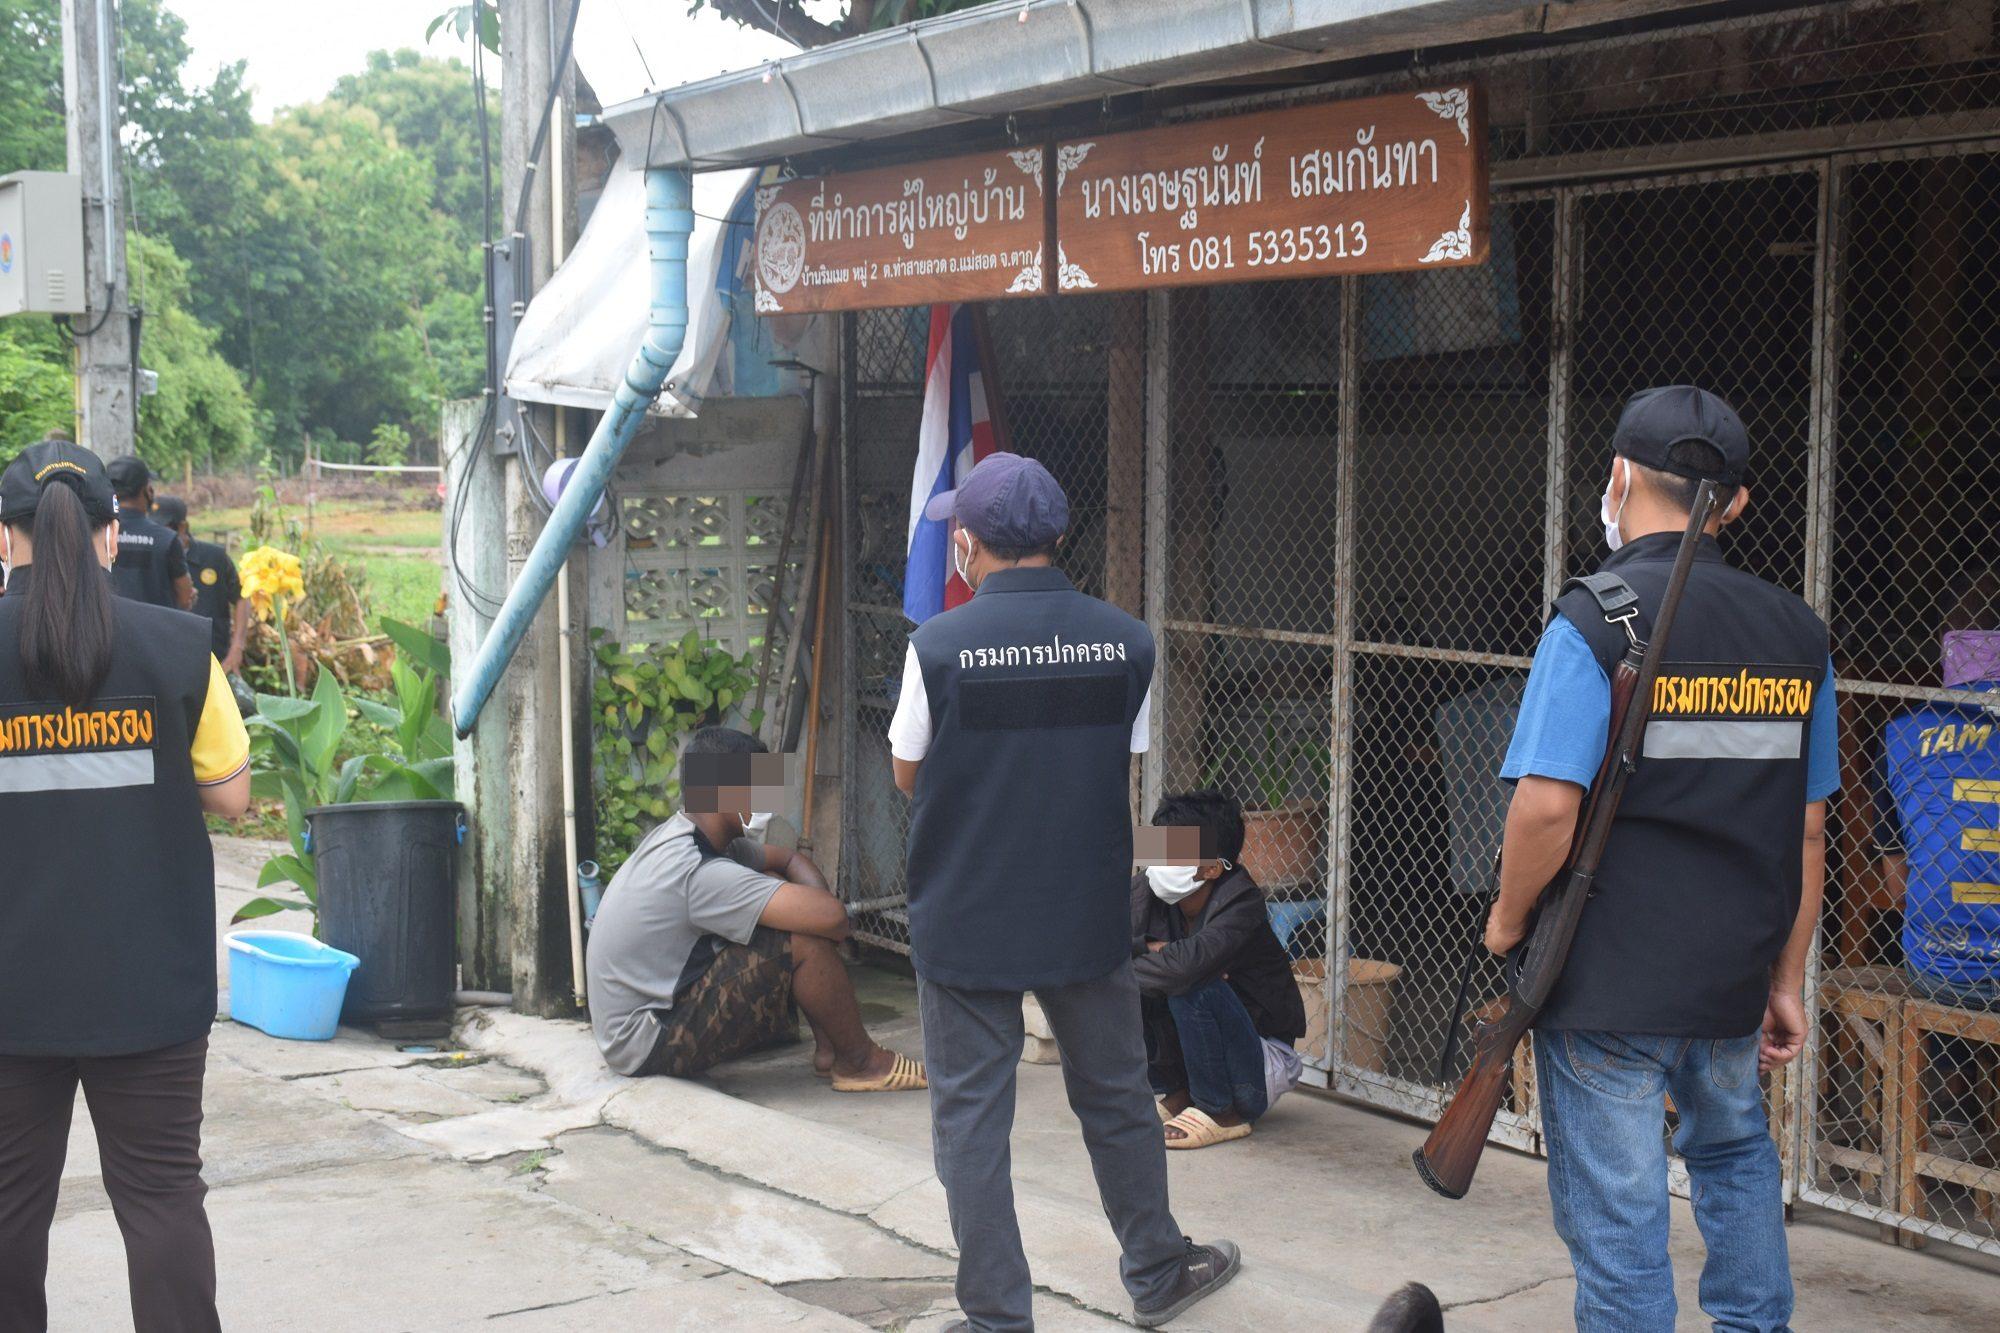 พิษโควิด-19 ทำหนุ่มพม่าหิวโซ ข้ามเก็บของเก่าในเขตไทย ถูก ตชด. ฝ่ายปกครองรวบ คาน้ำเมย